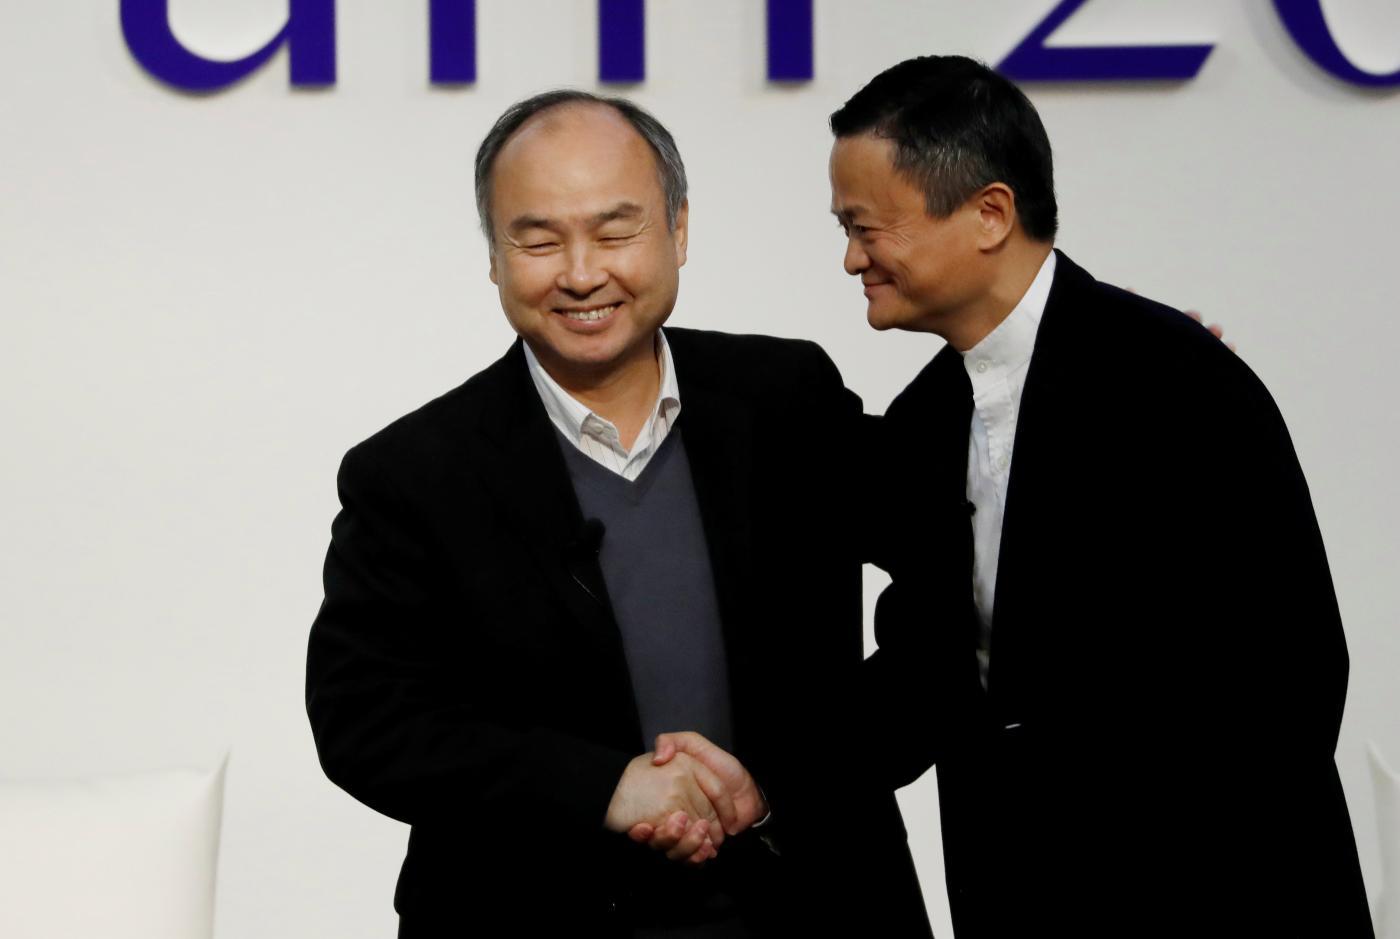 Foto de Masayoshi Son deixa o conselho do Alibaba, o melhor investimento do SoftBank – Quartzo